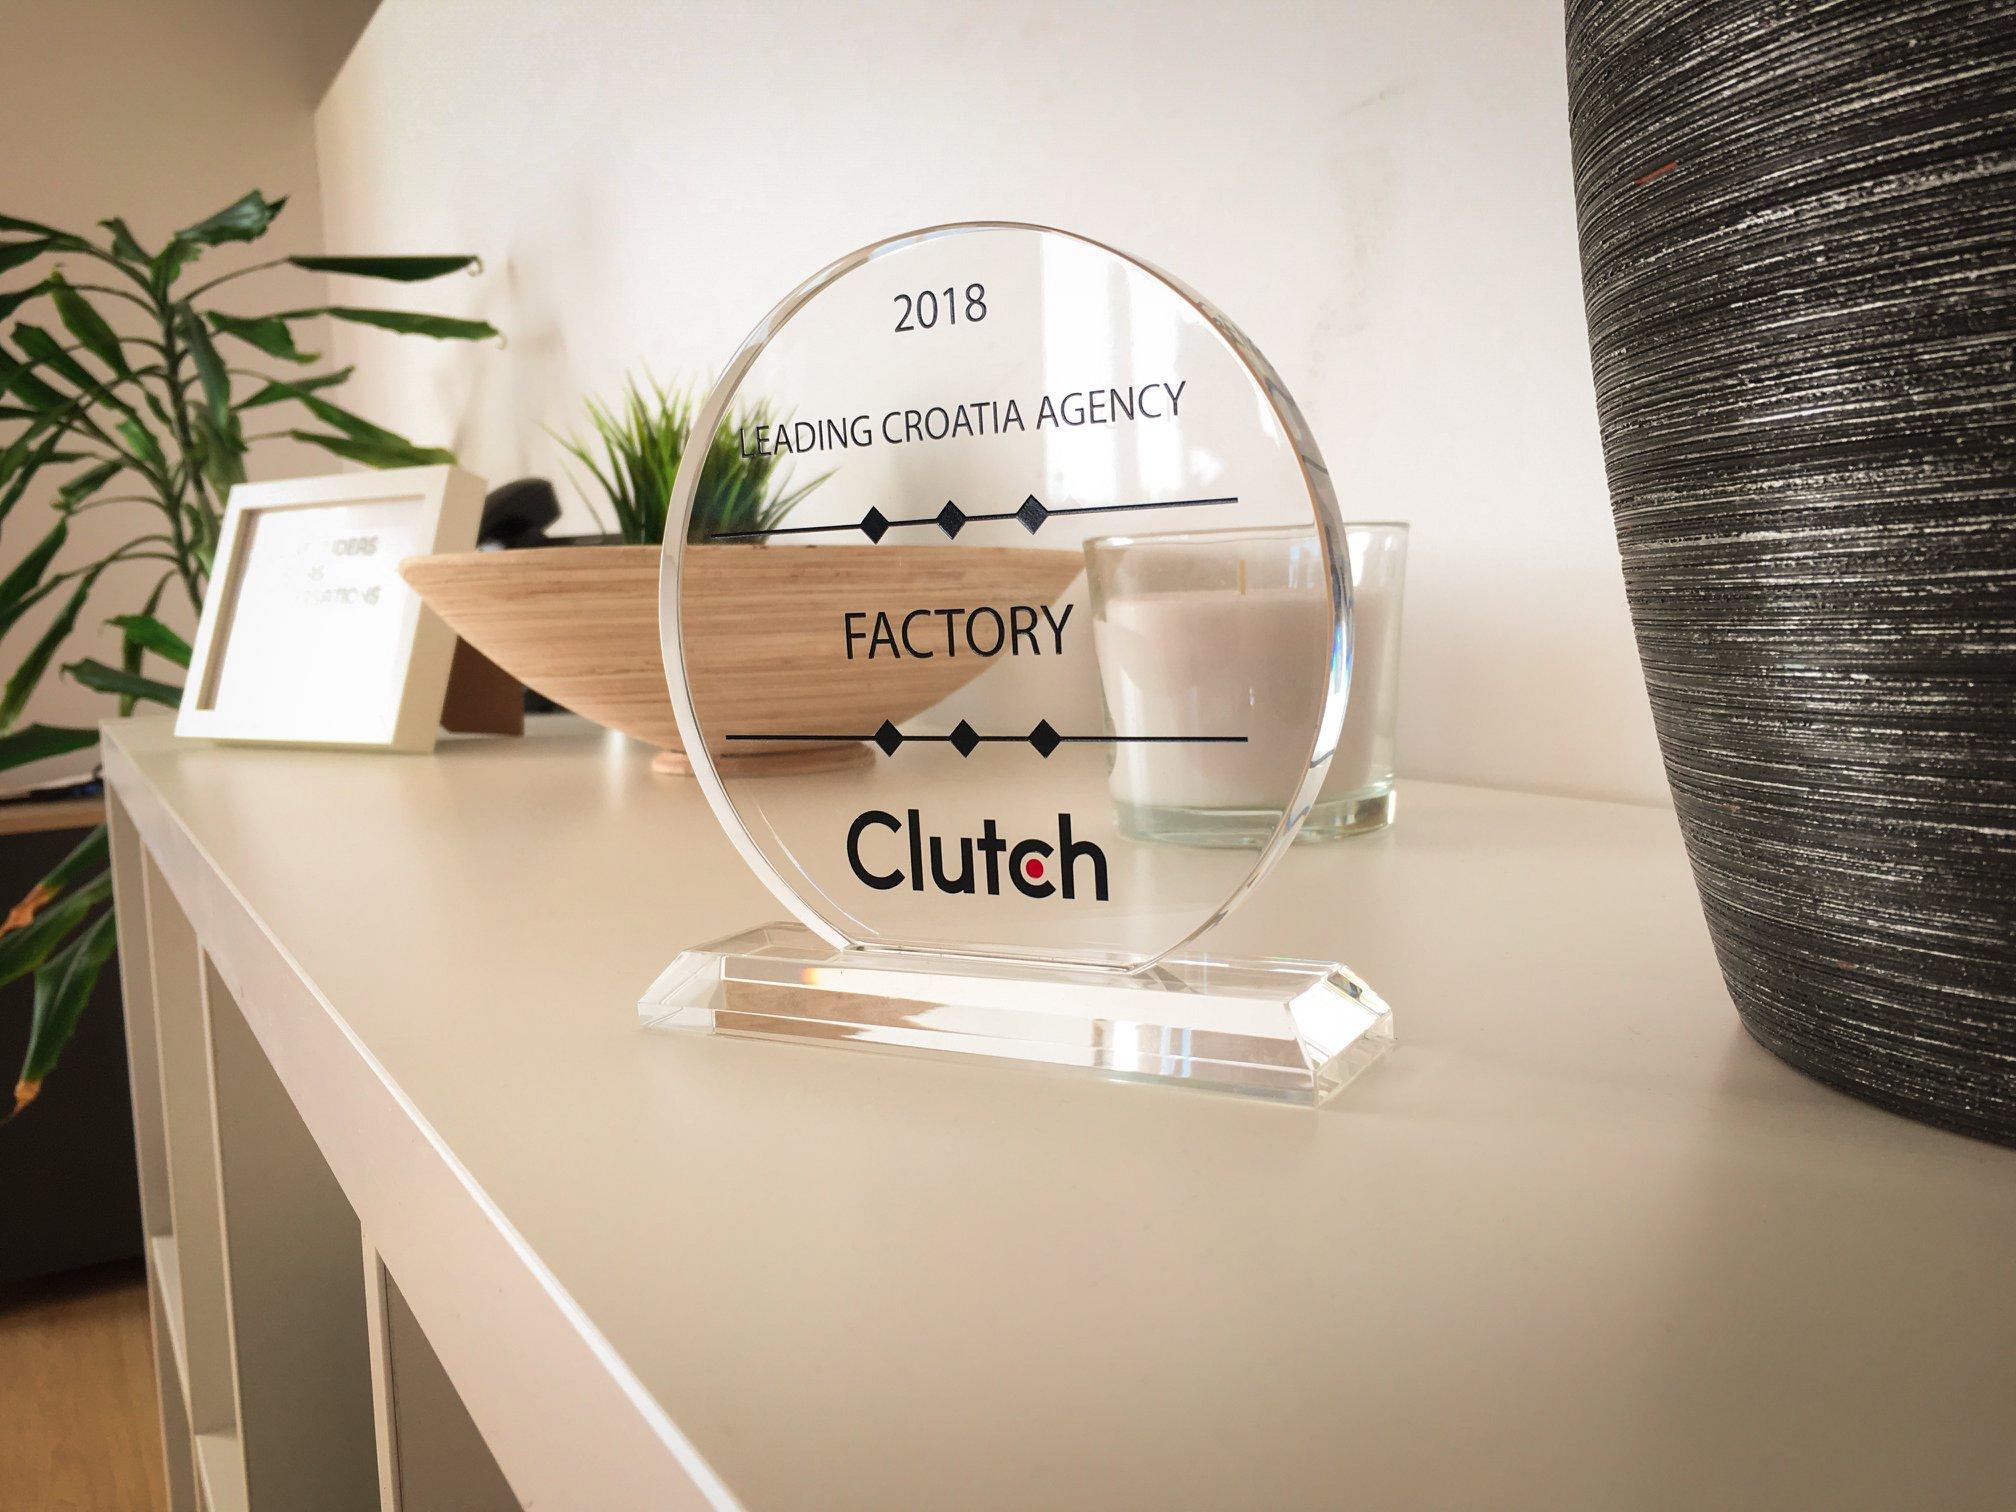 Clutch Factory award in 2018 for leading Croatian agency